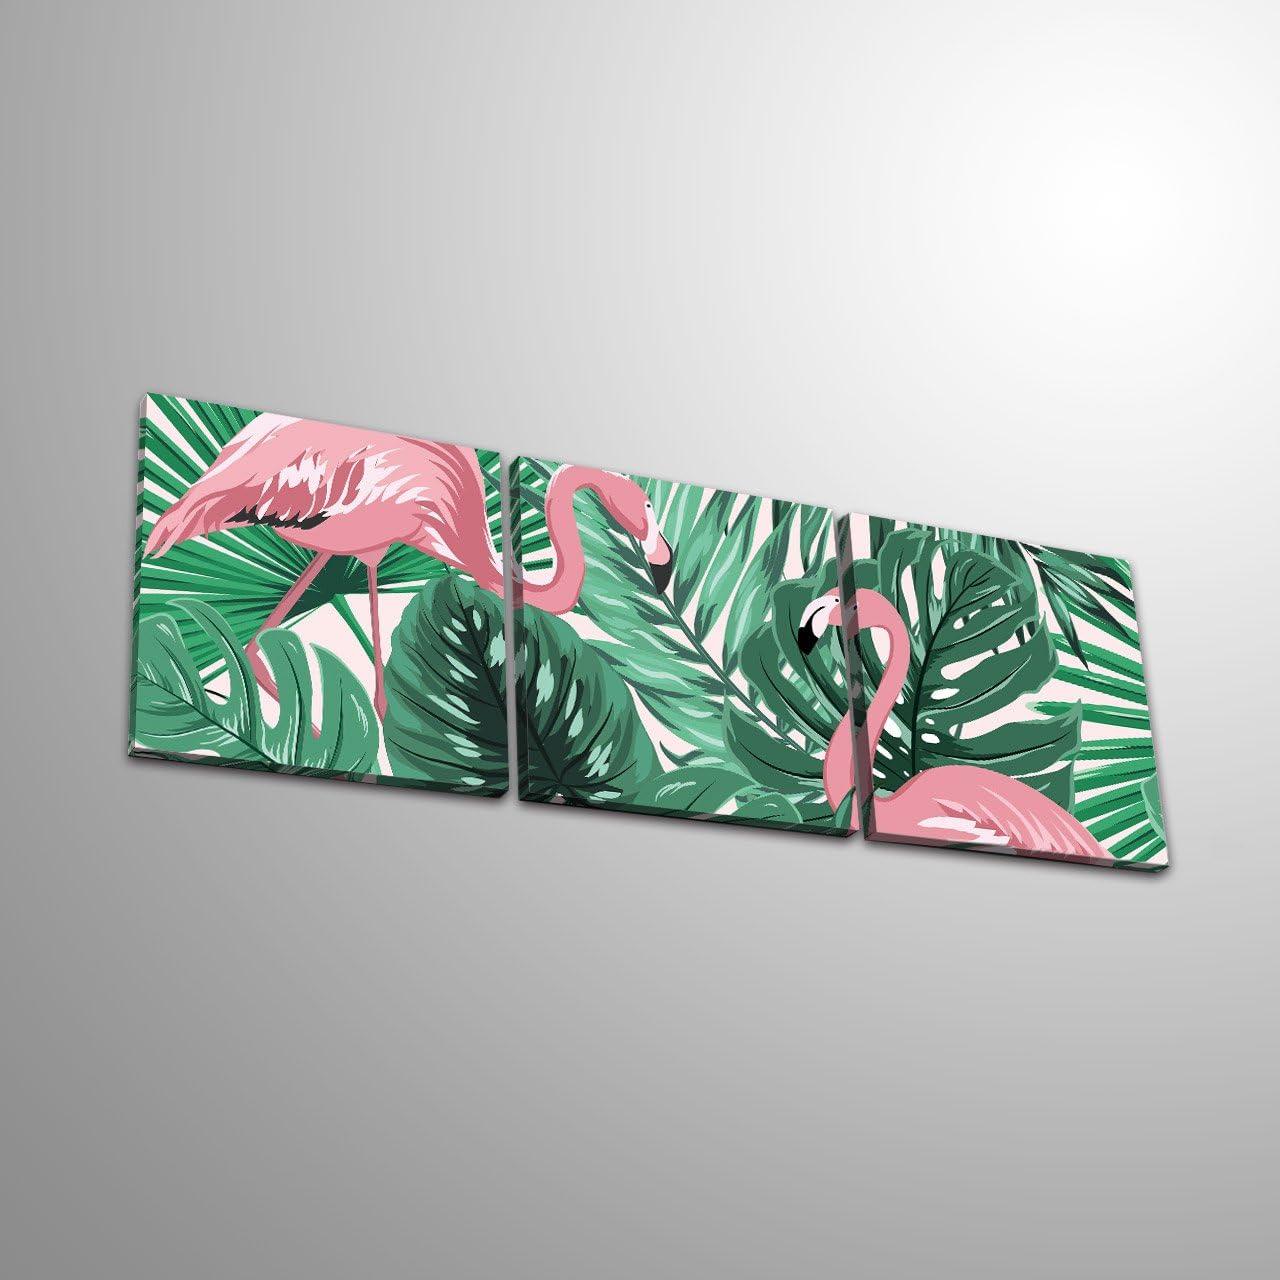 LB Planta Tropical Flamenco/_Cuadro de Pintura al /óleo Moderna Impresi/ón de la Imagen en la Lona Arte de la Pared para la Sala de Estar,Dormitorio,decoraci/ón del hogar,3 Piezas 40x40,con Marco